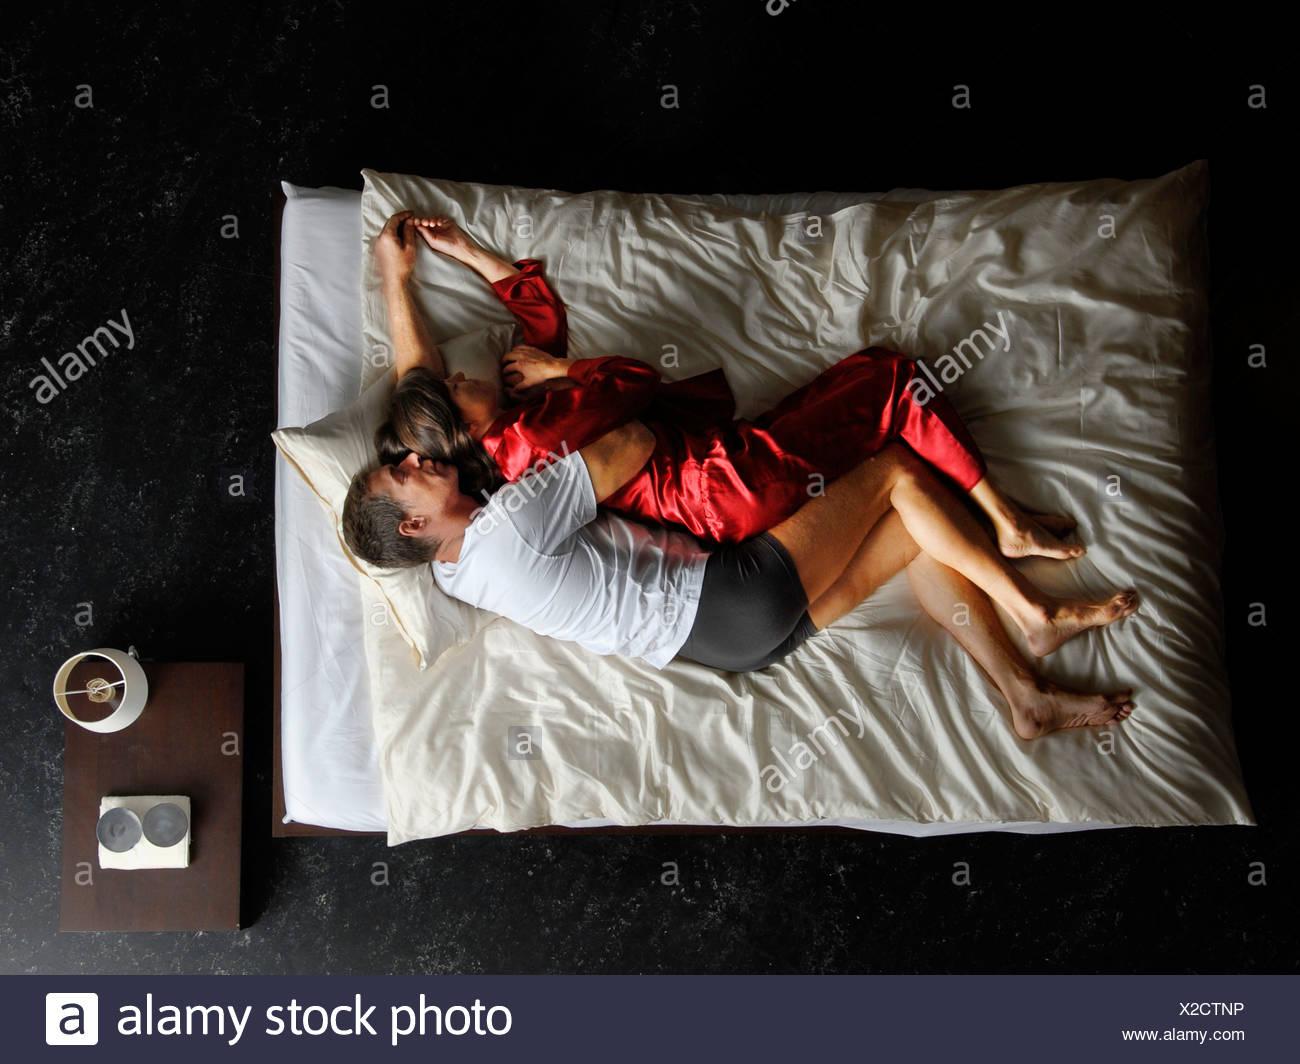 Sonno, sonno, camere da letto, letto, giacciono, sogno, donna, uomo, coppia, coppia, NOTTE, RIPOSO Immagini Stock